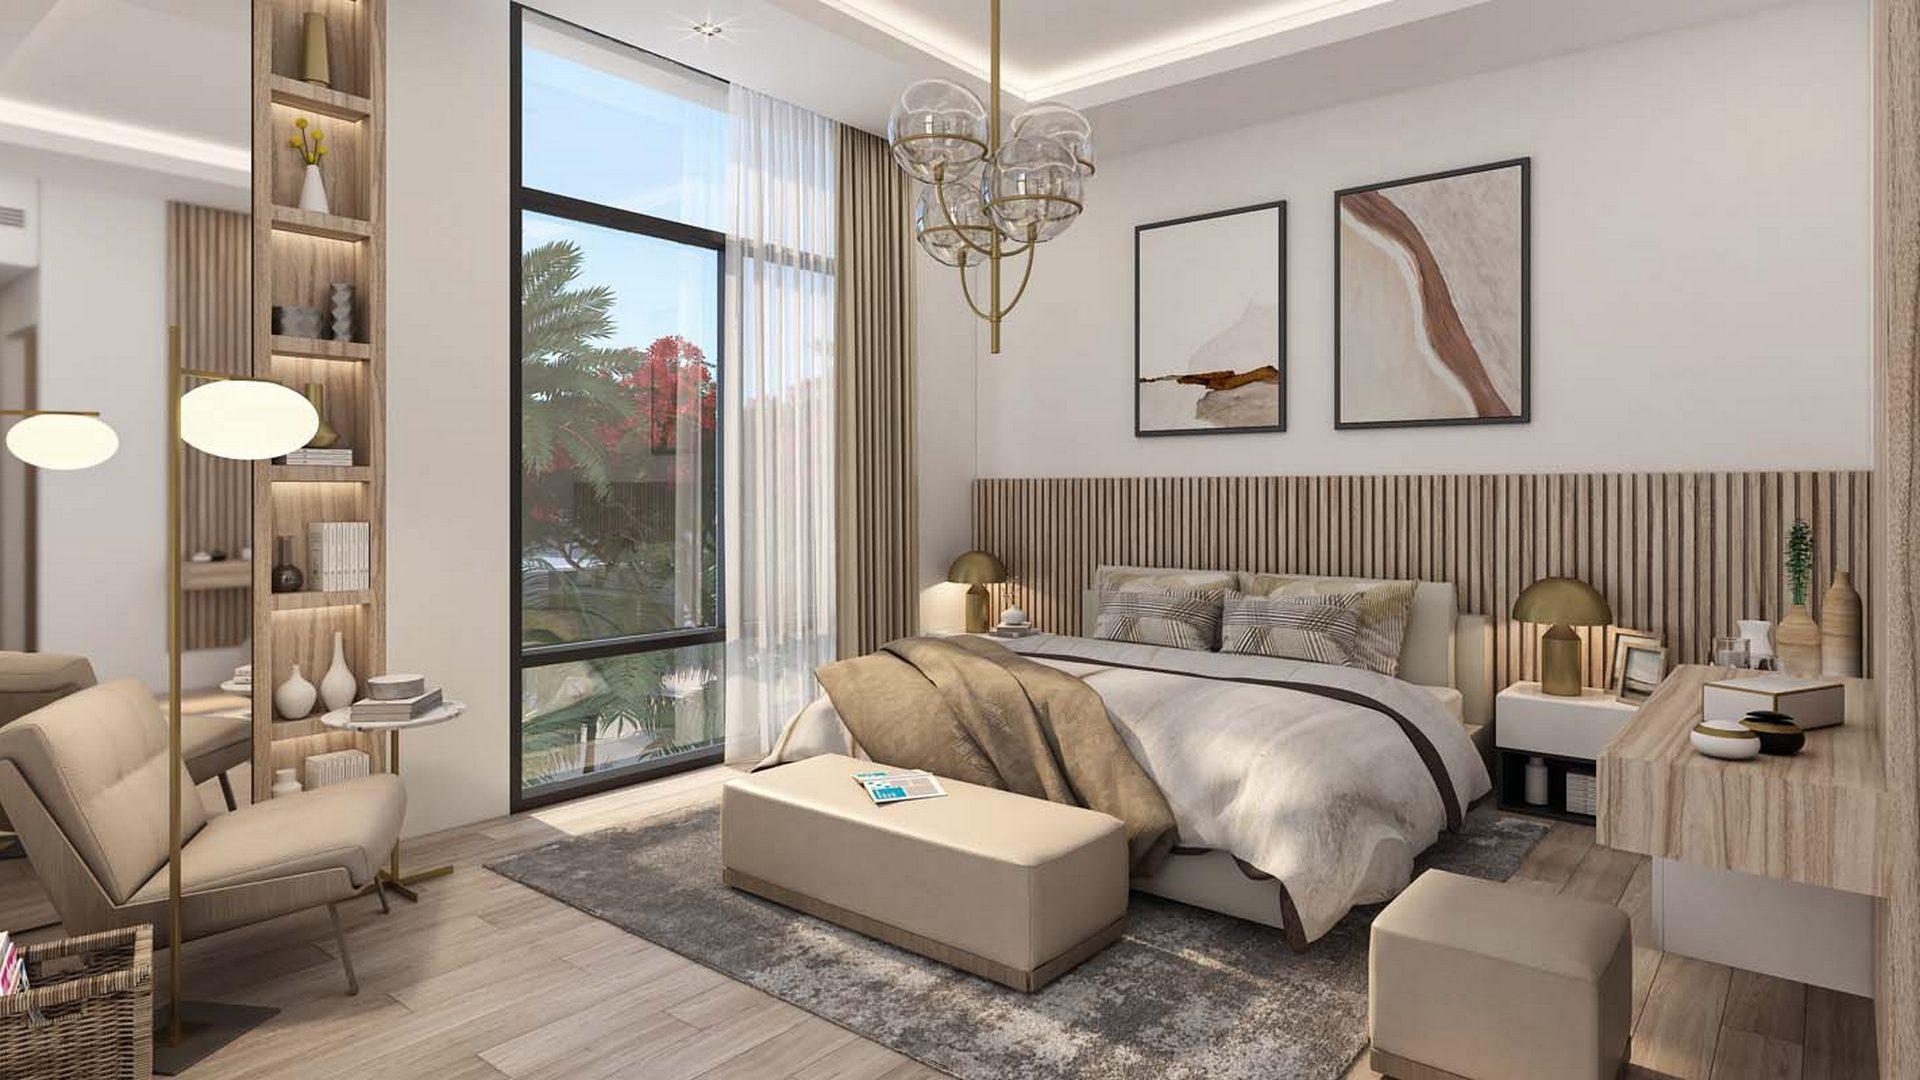 Adosado en venta en Dubai, EAU, 3 dormitorios, 278 m2, № 24531 – foto 6